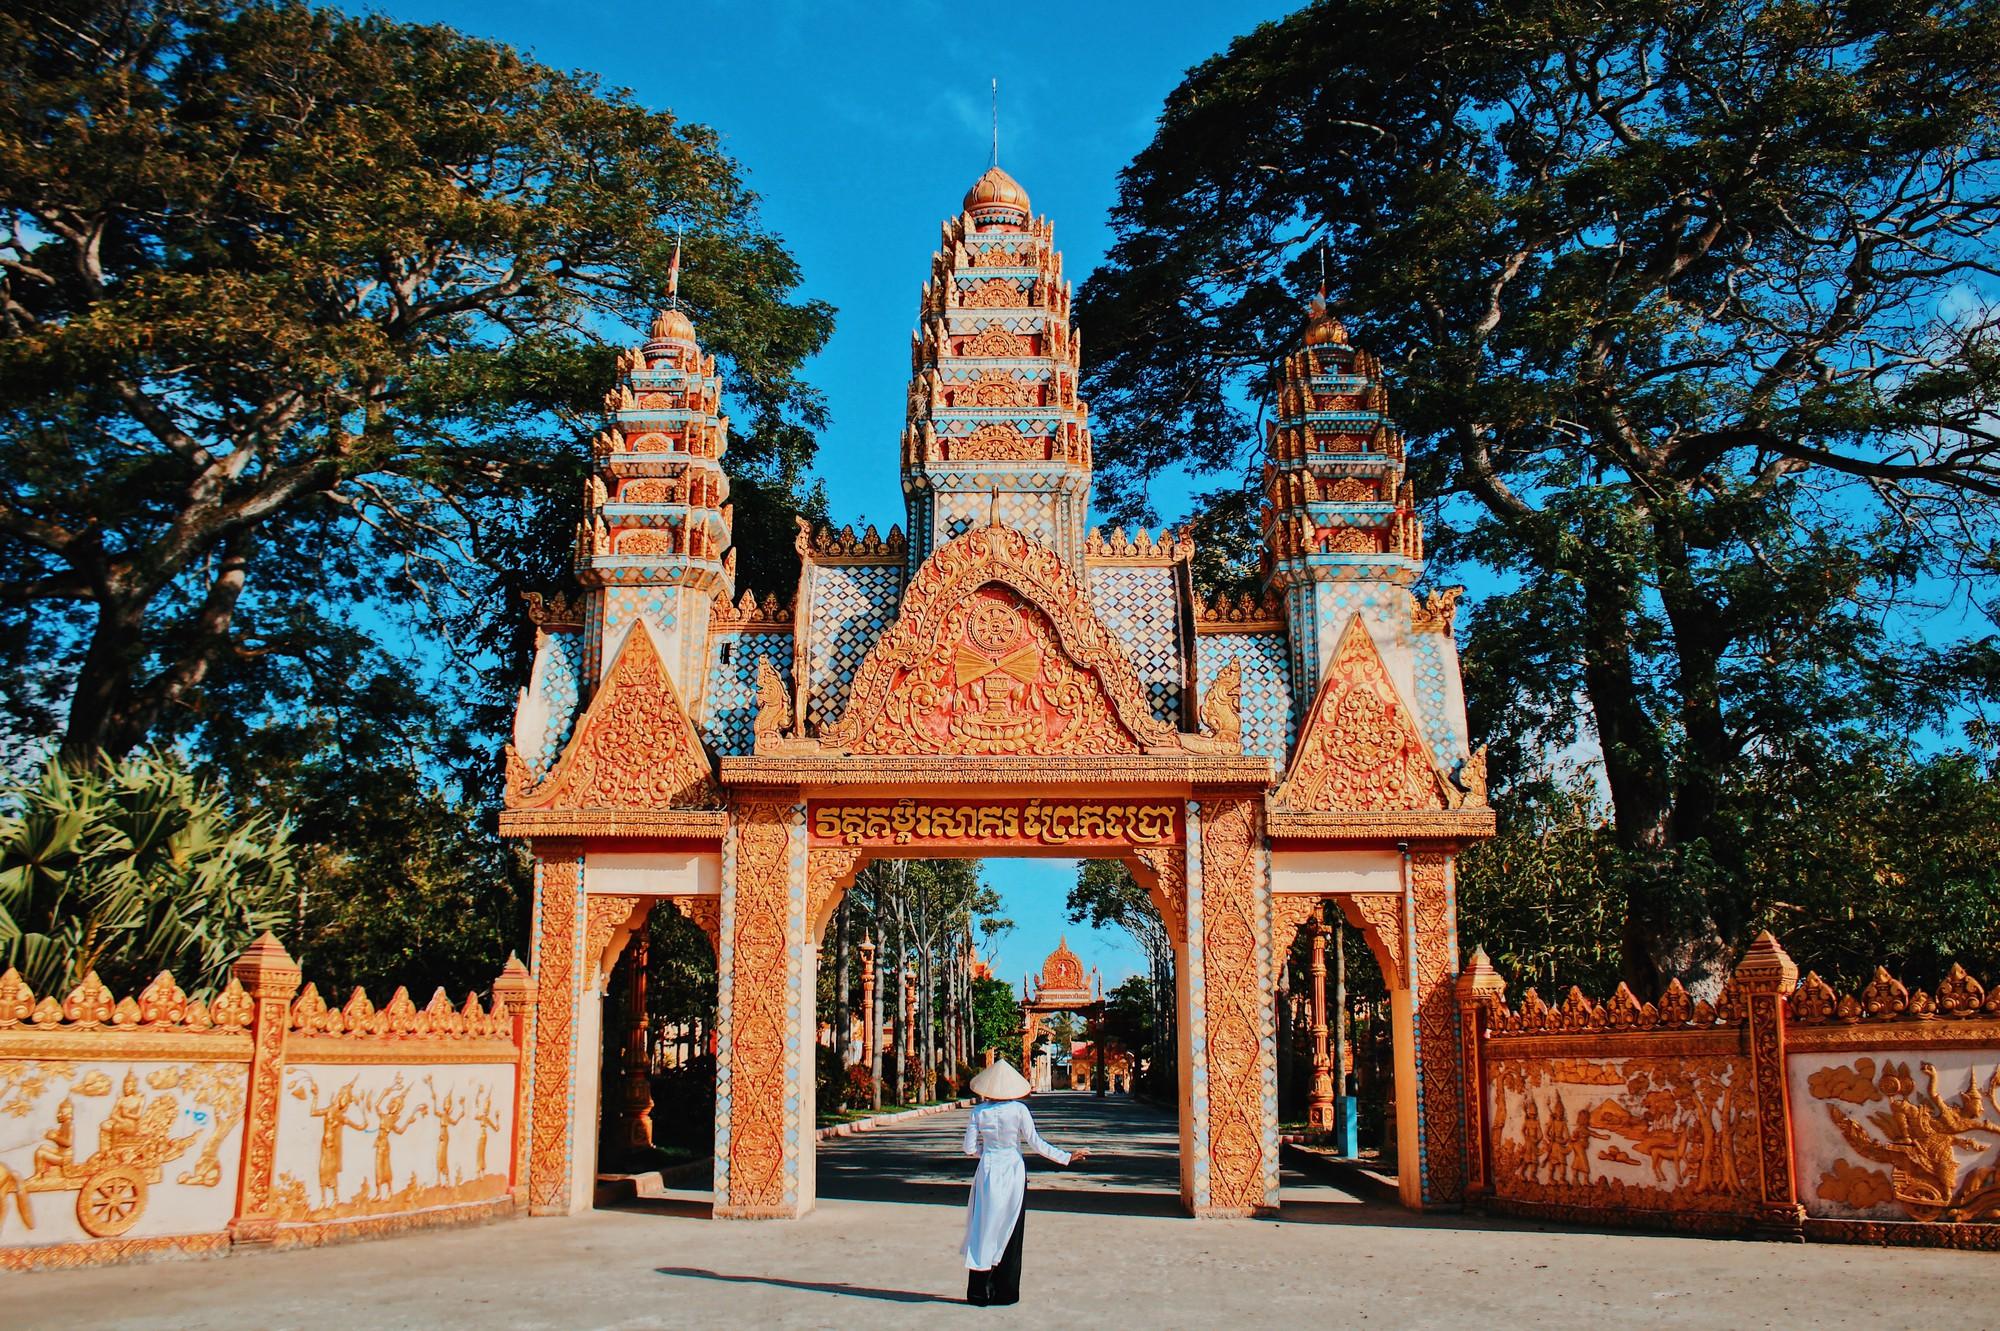 Cổng chùa Xiêm Cán là nơi được khá nhiều bạn trẻ check-in mỗi khi ghé đến.